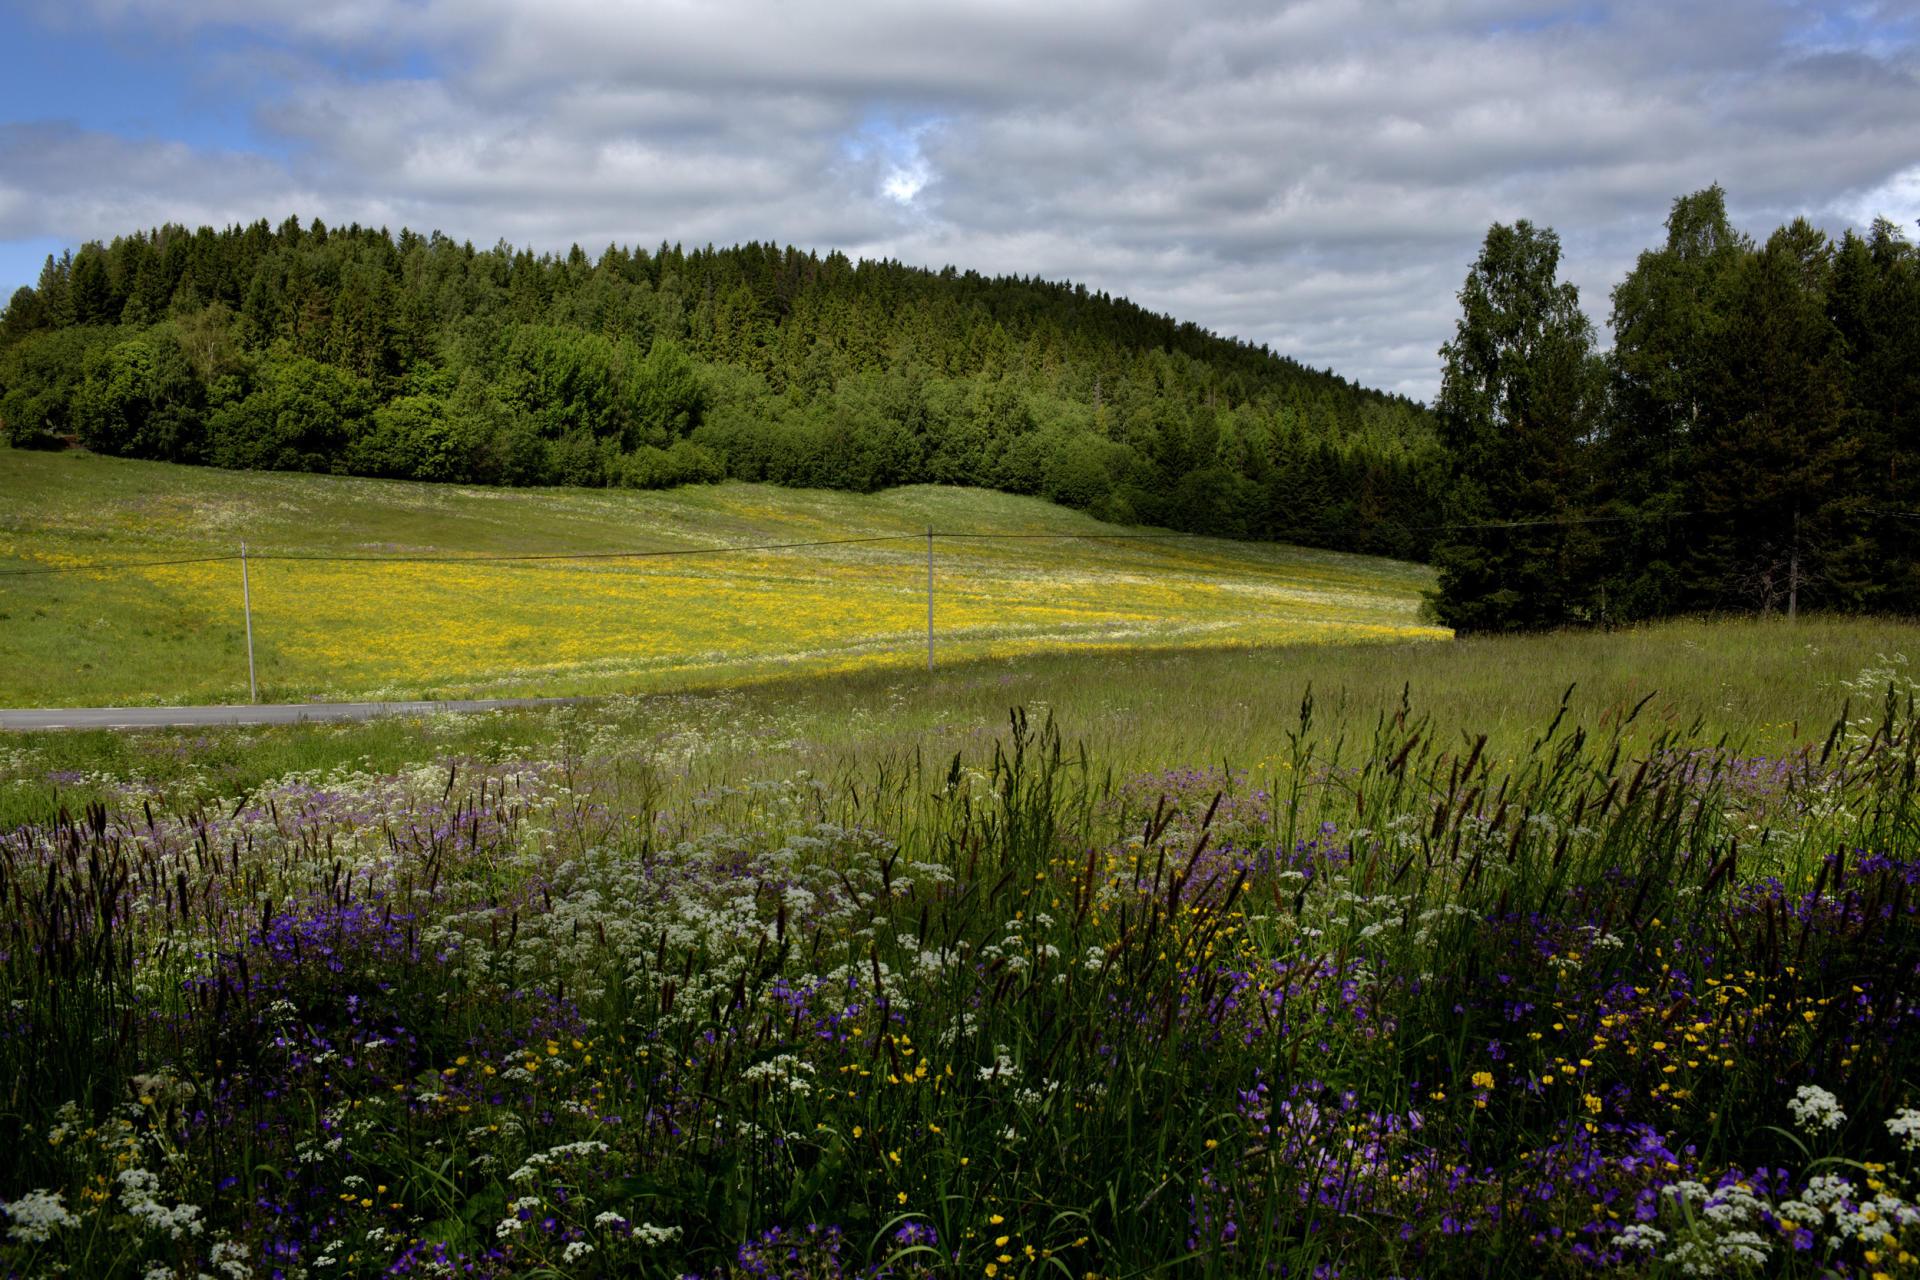 Le long des routes, les fleurs sauvages envahissent les champs.